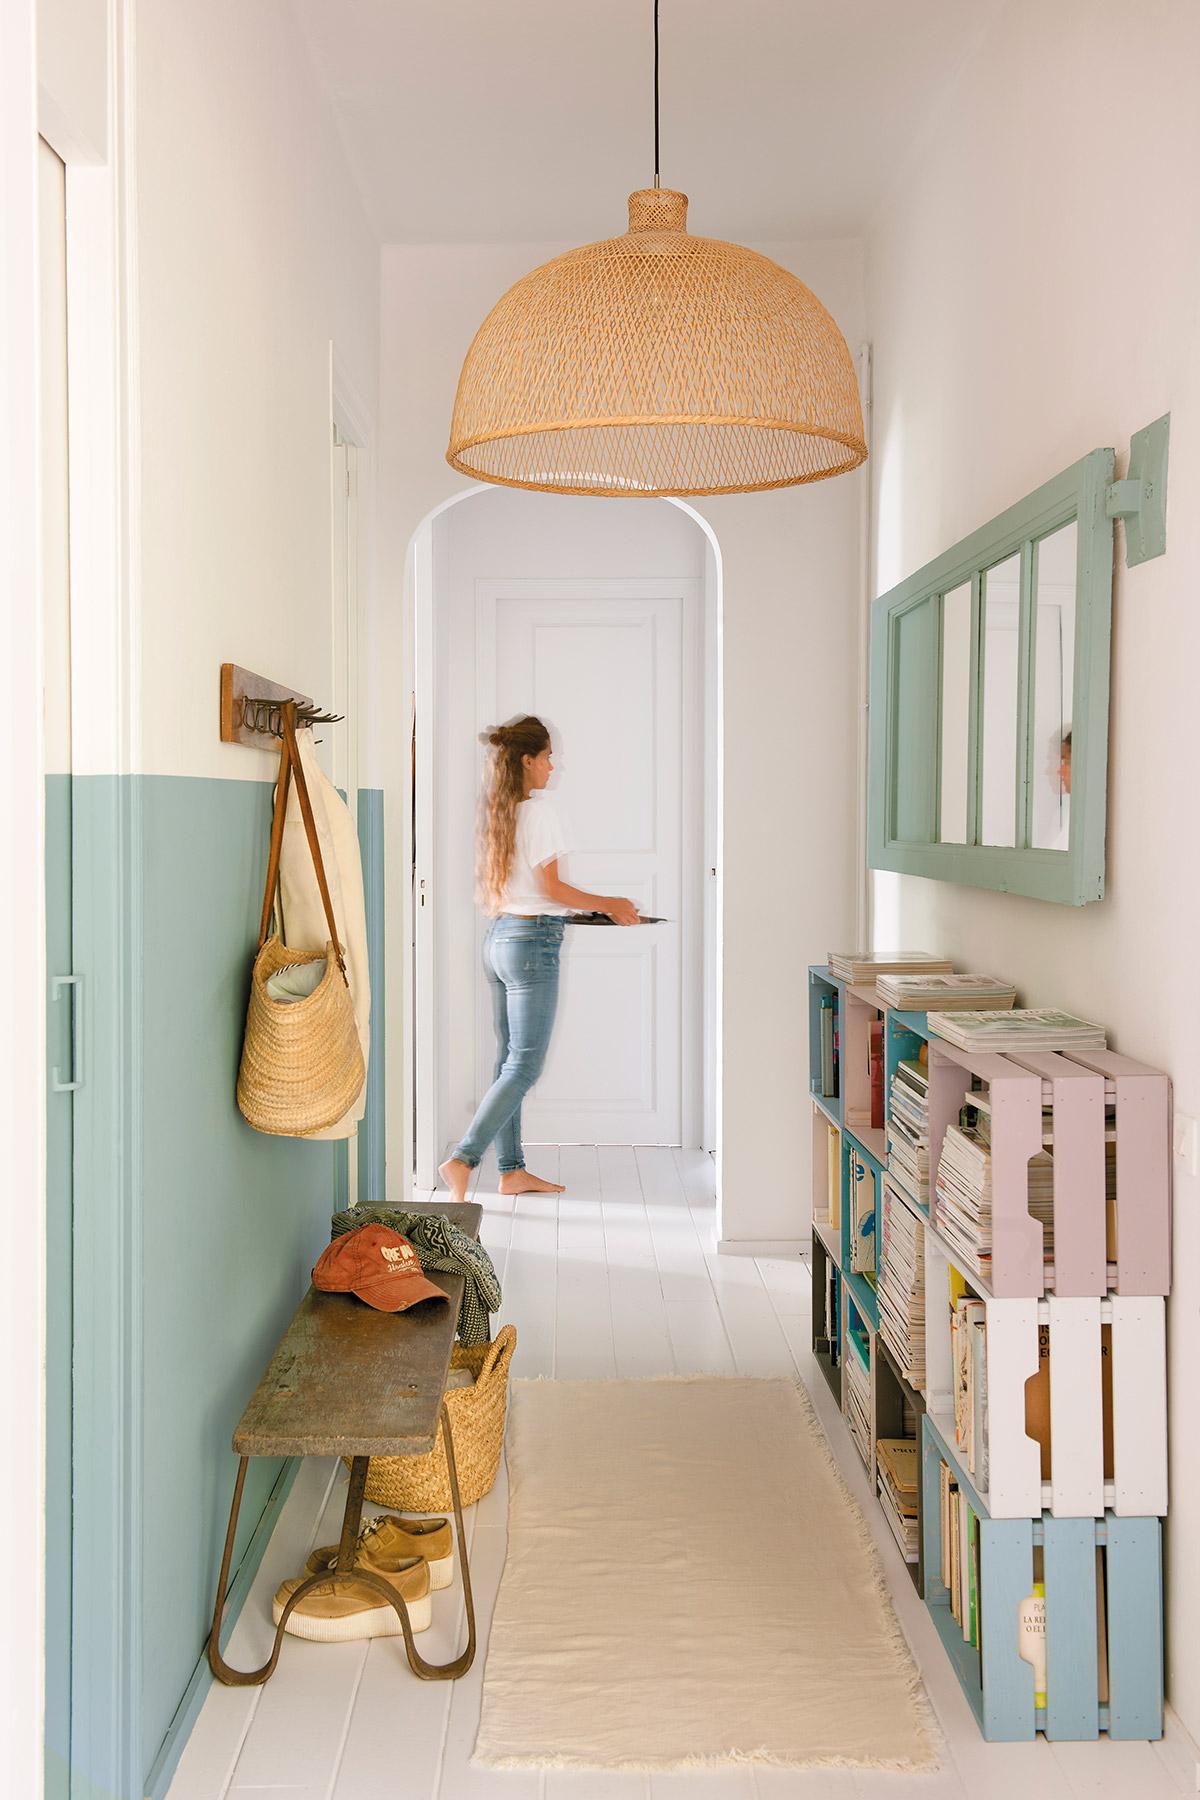 Ideas para aprovechar al m ximo el espacio de un piso peque o - Muebles de pasillo ...